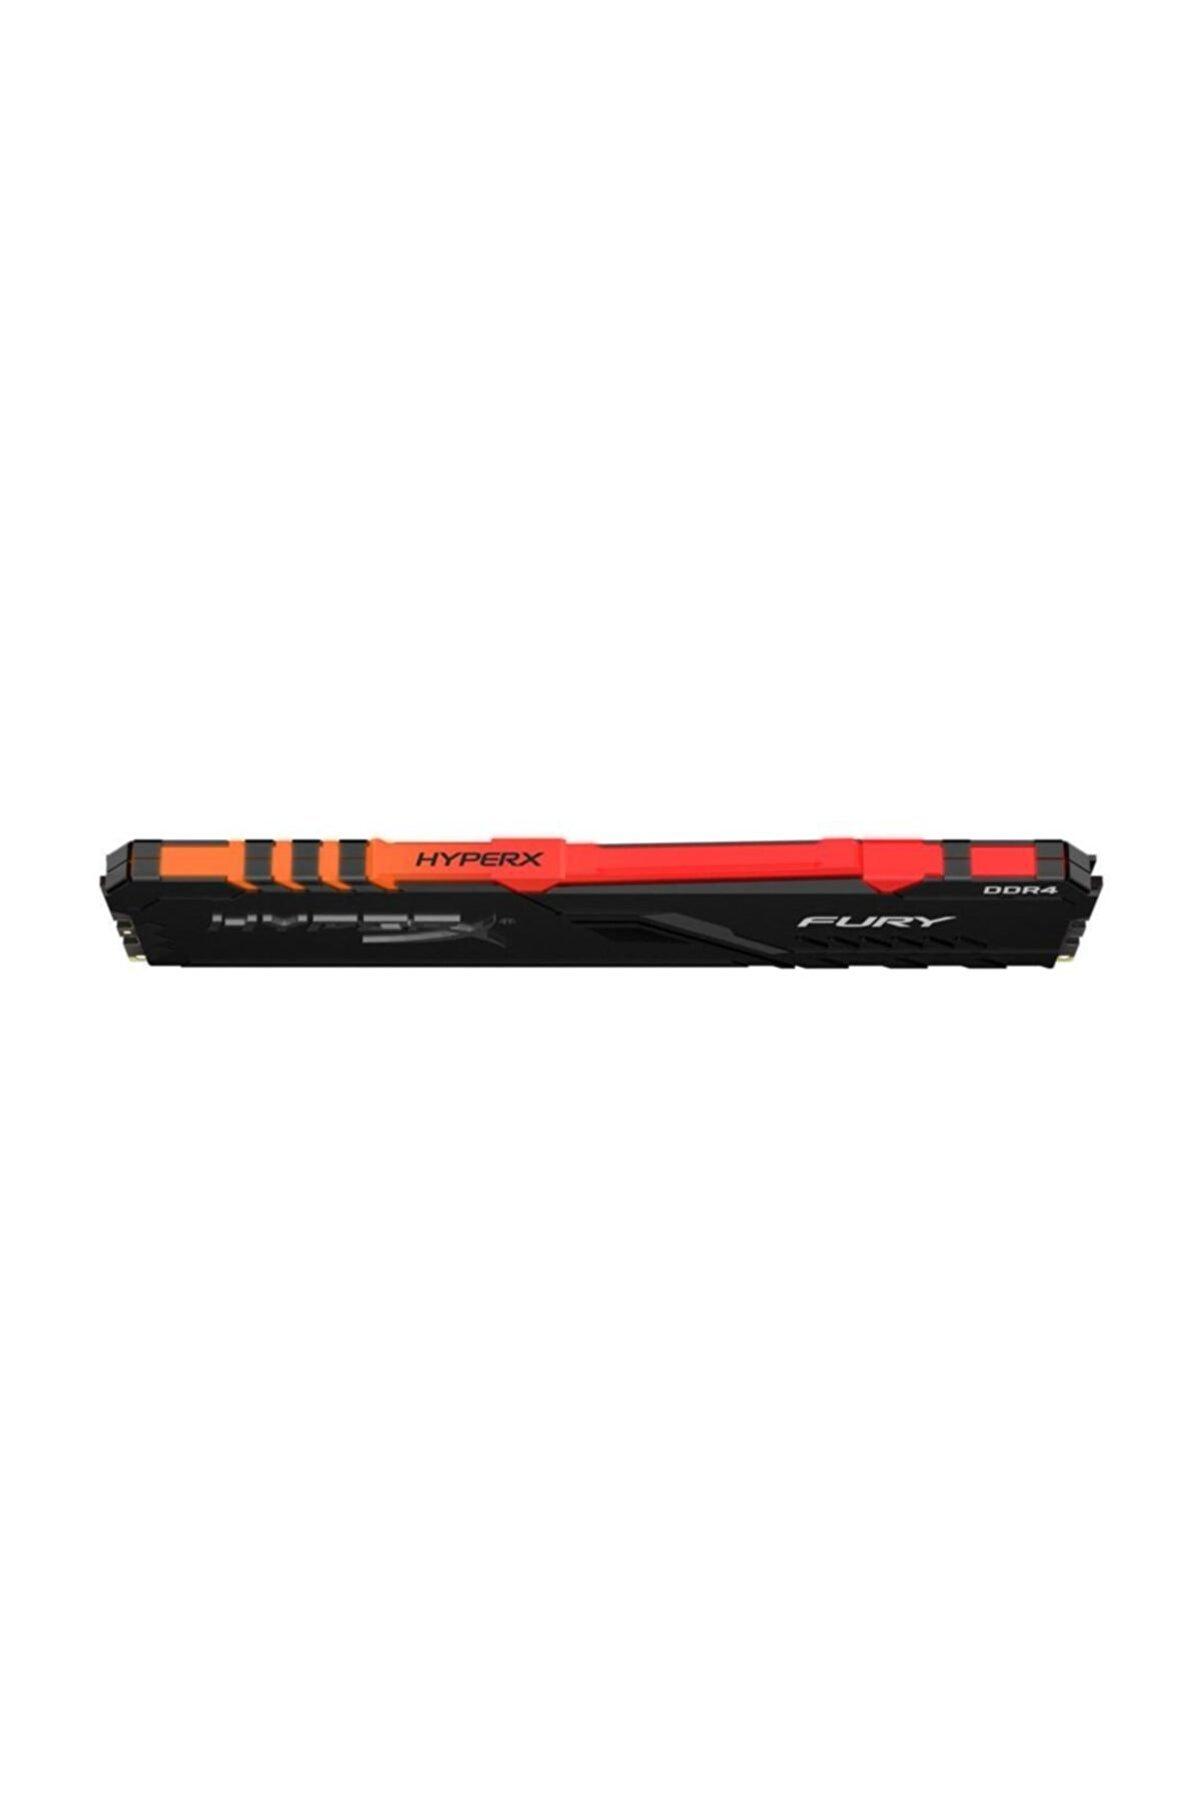 Kingston 16gb 3200mhz Hyperx Fury Rgb Ddr4 Ram Hx432c16fb3a/16